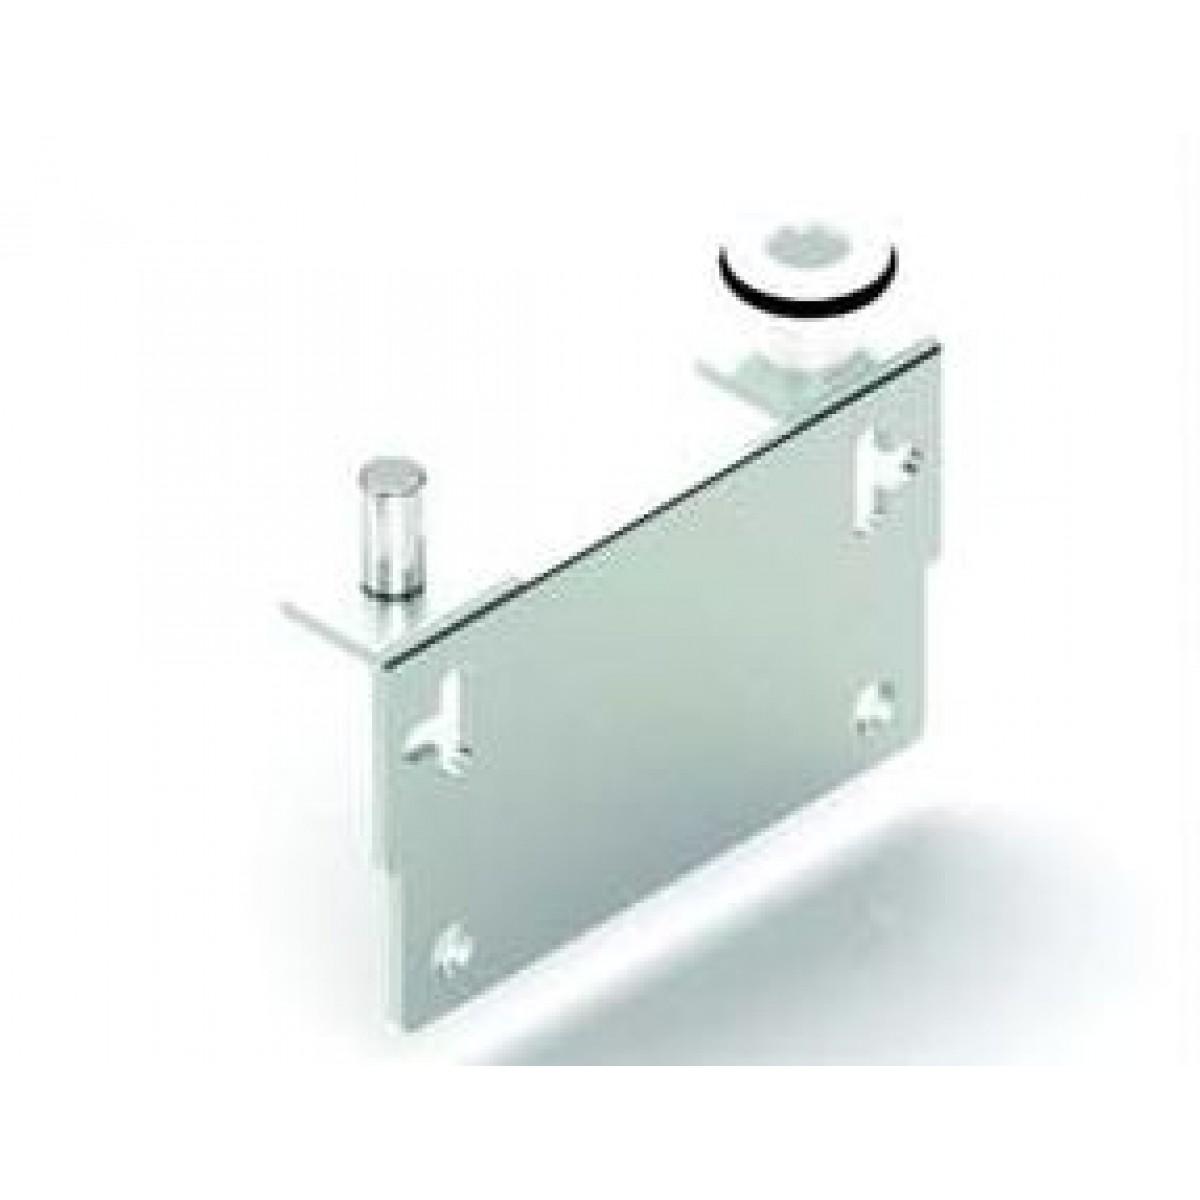 инструкция по установке раздвижная система для шкафа купе lucido